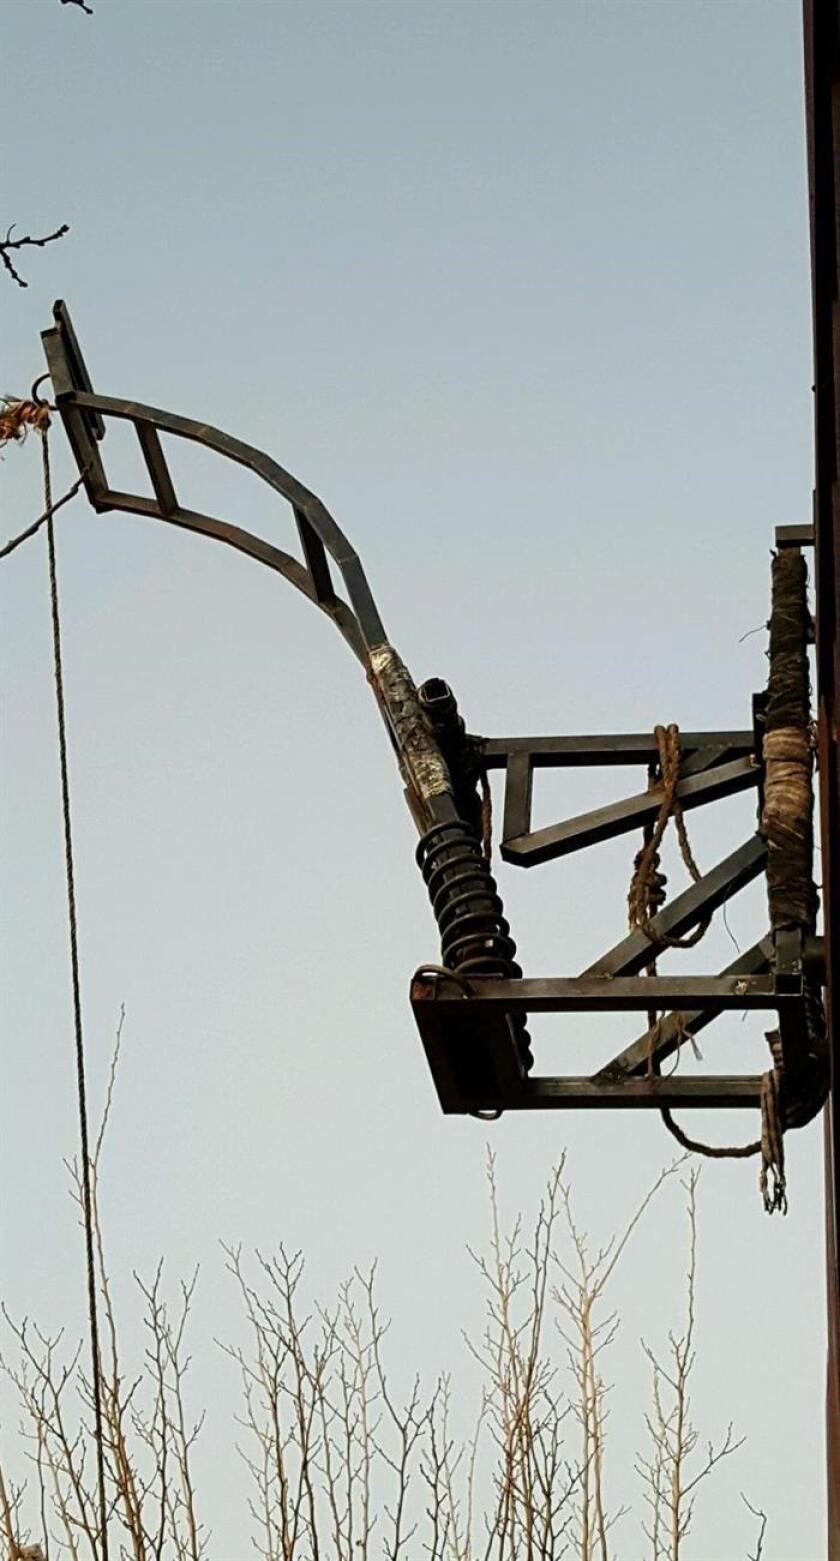 Fotografía cedida en donde se aprecia un detalle de la catapulta utilizada para lanzar drogas sobre el muro fronterizo en Arizona que fue desmantelada por autoridades estadounidenses y mexicanas, según informó hoy la Oficina de Aduanas y Protección Fronteriza (CBP) sector Tucson. EFE/Patrulla Fronteriza Tucson